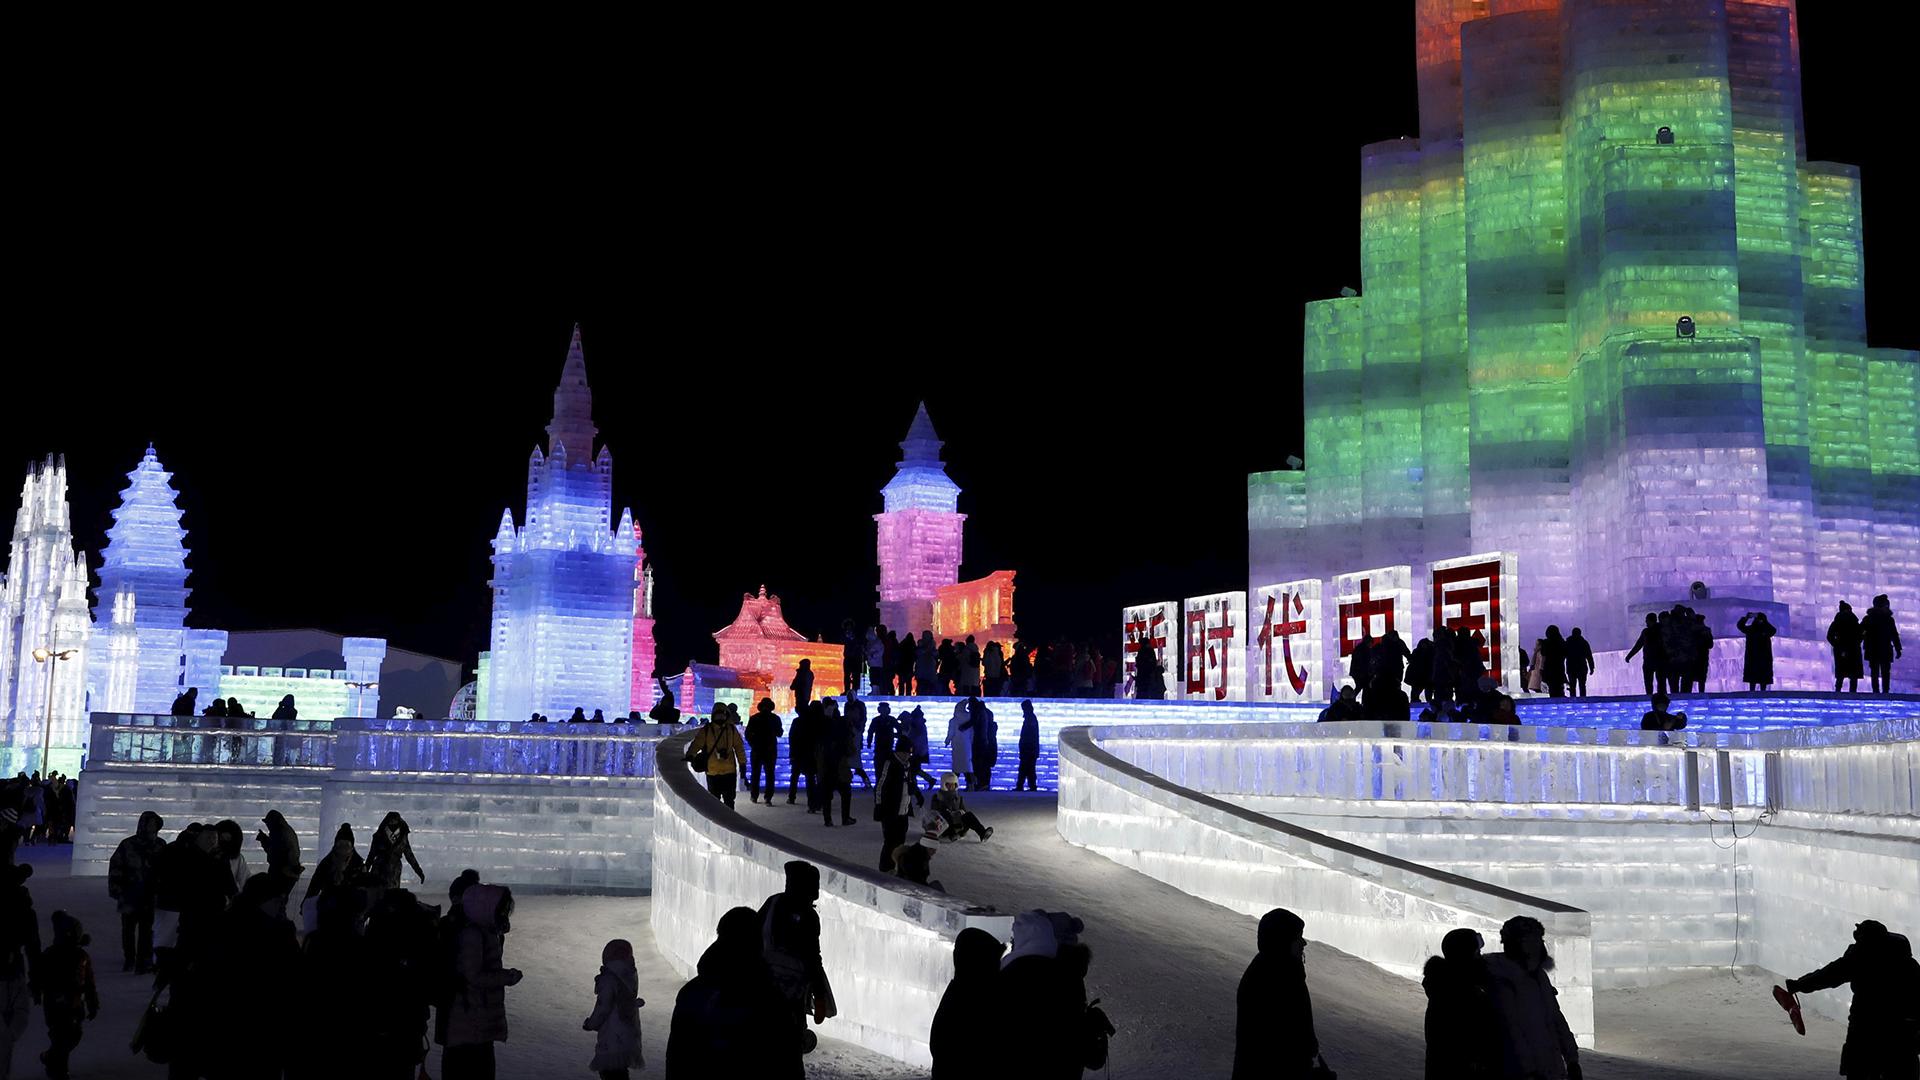 Esculturas de hielo iluminadas por luces de colores se ven en el festival anual de hielo de Harbin (Reuters)